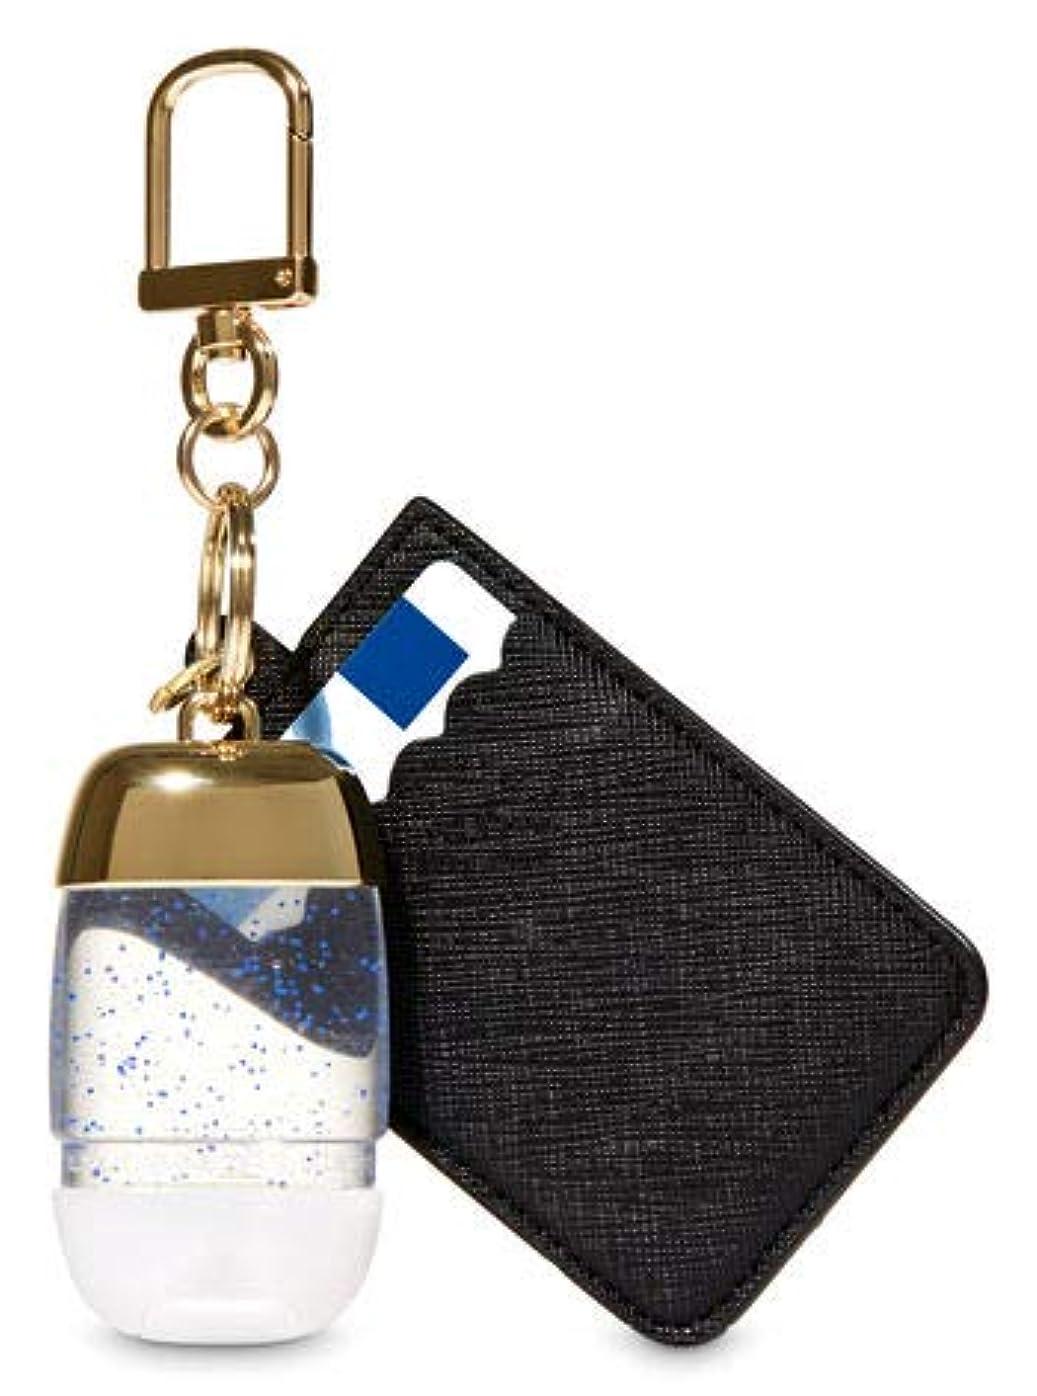 流行している窒息させる剃る【Bath&Body Works/バス&ボディワークス】 抗菌ハンドジェルホルダー カードケース ブラック&ゴールド Credit Card & PocketBac Holder Black & Gold [並行輸入品]